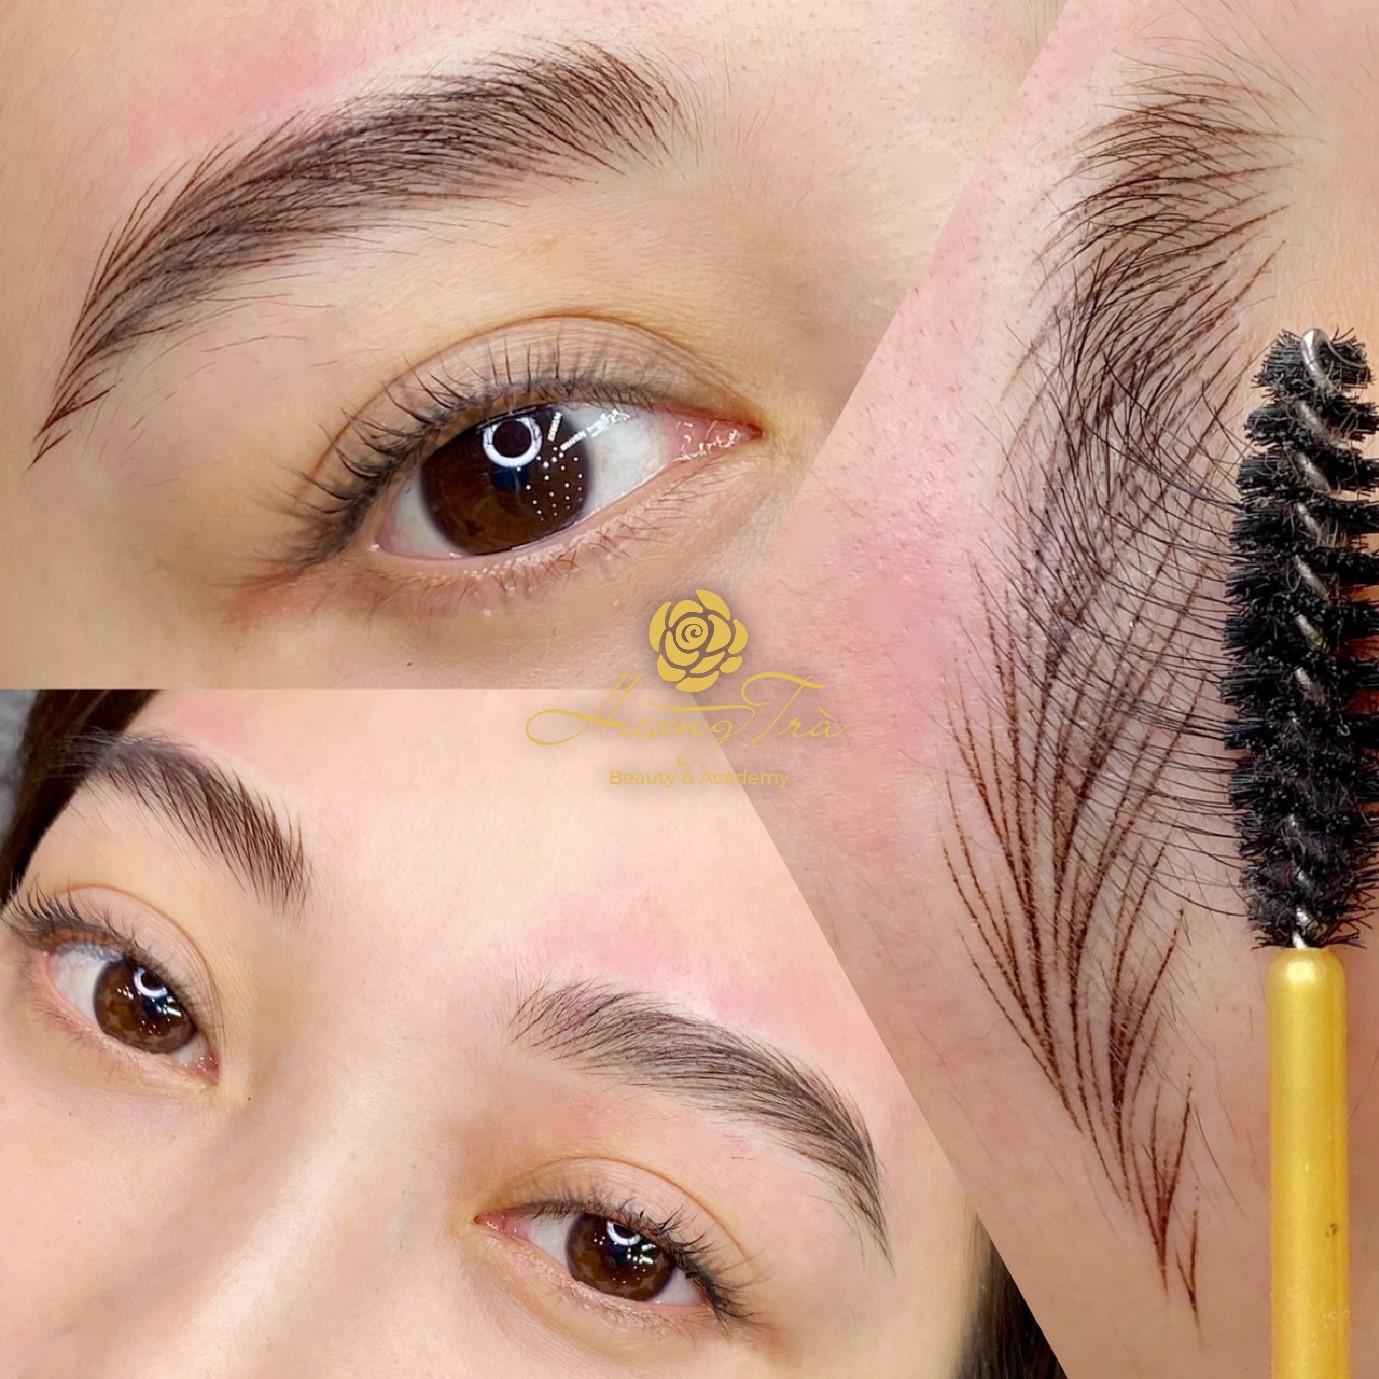 Tất tần tật về Hairstrokes – Kỹ thuật điêu khắc chân mày giúp thay đổi diện mạo